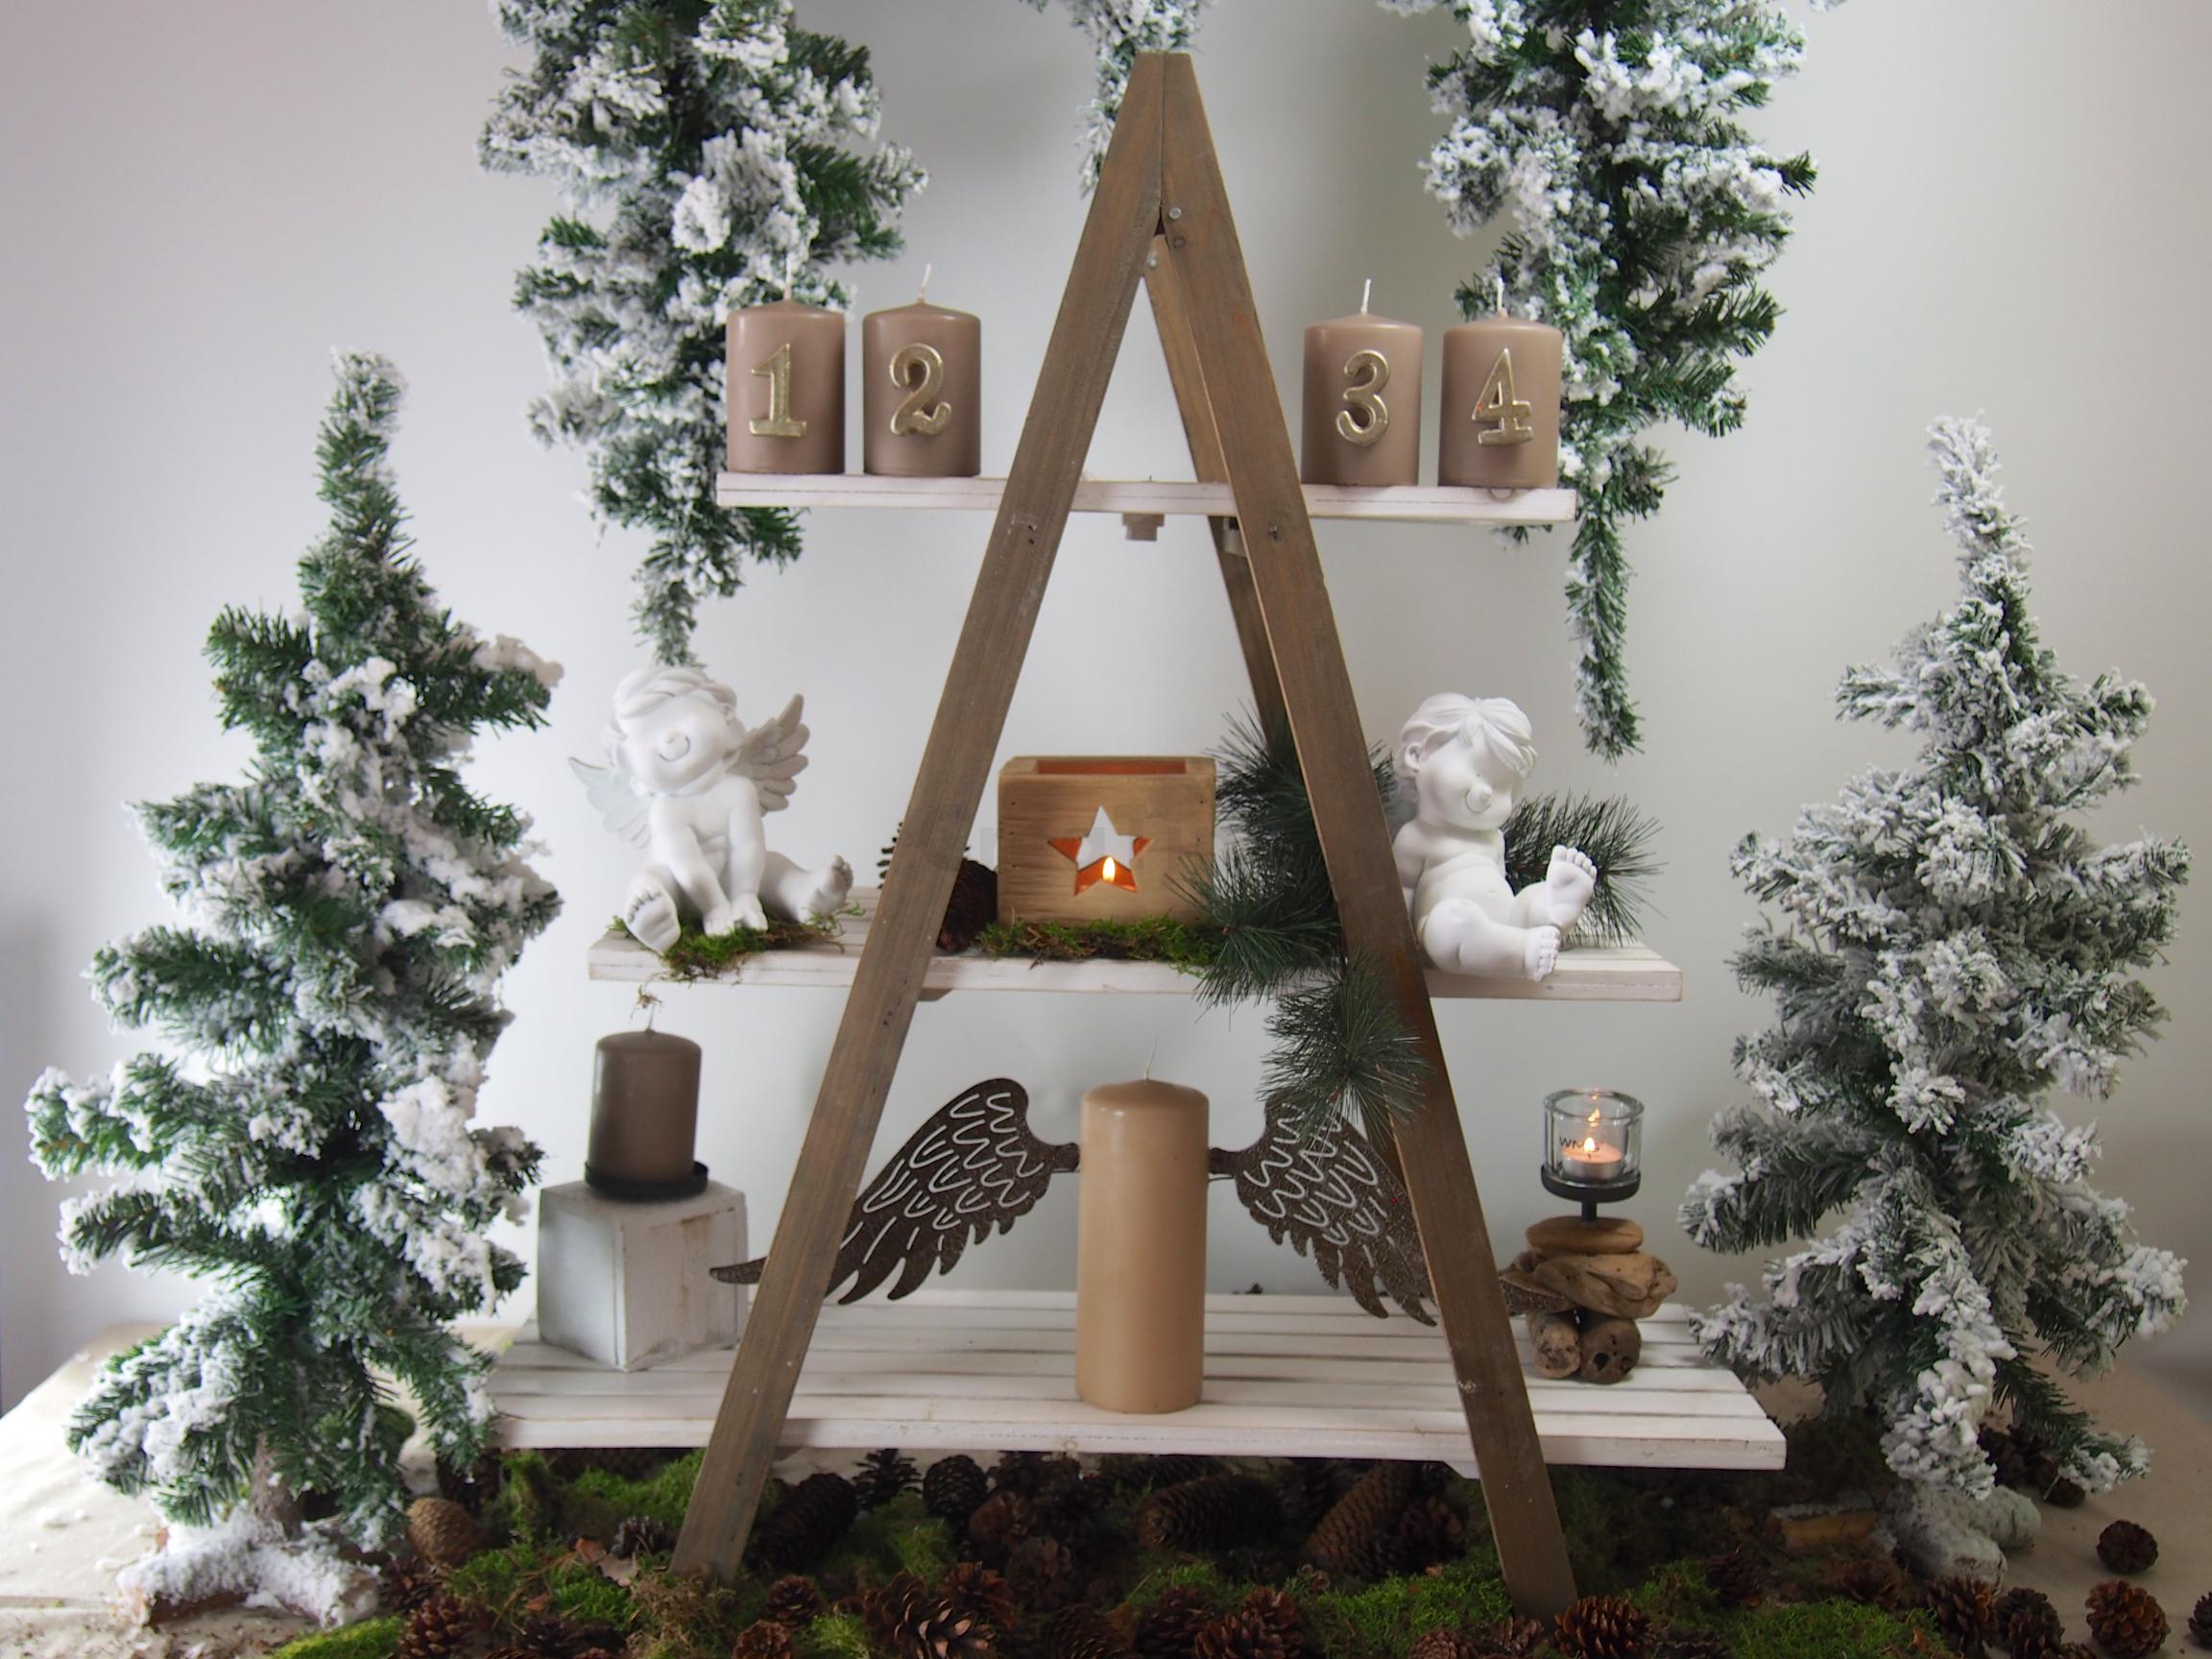 creatina regal leiter in wei antik mit 3 b den aus holz 104 cm hoch. Black Bedroom Furniture Sets. Home Design Ideas